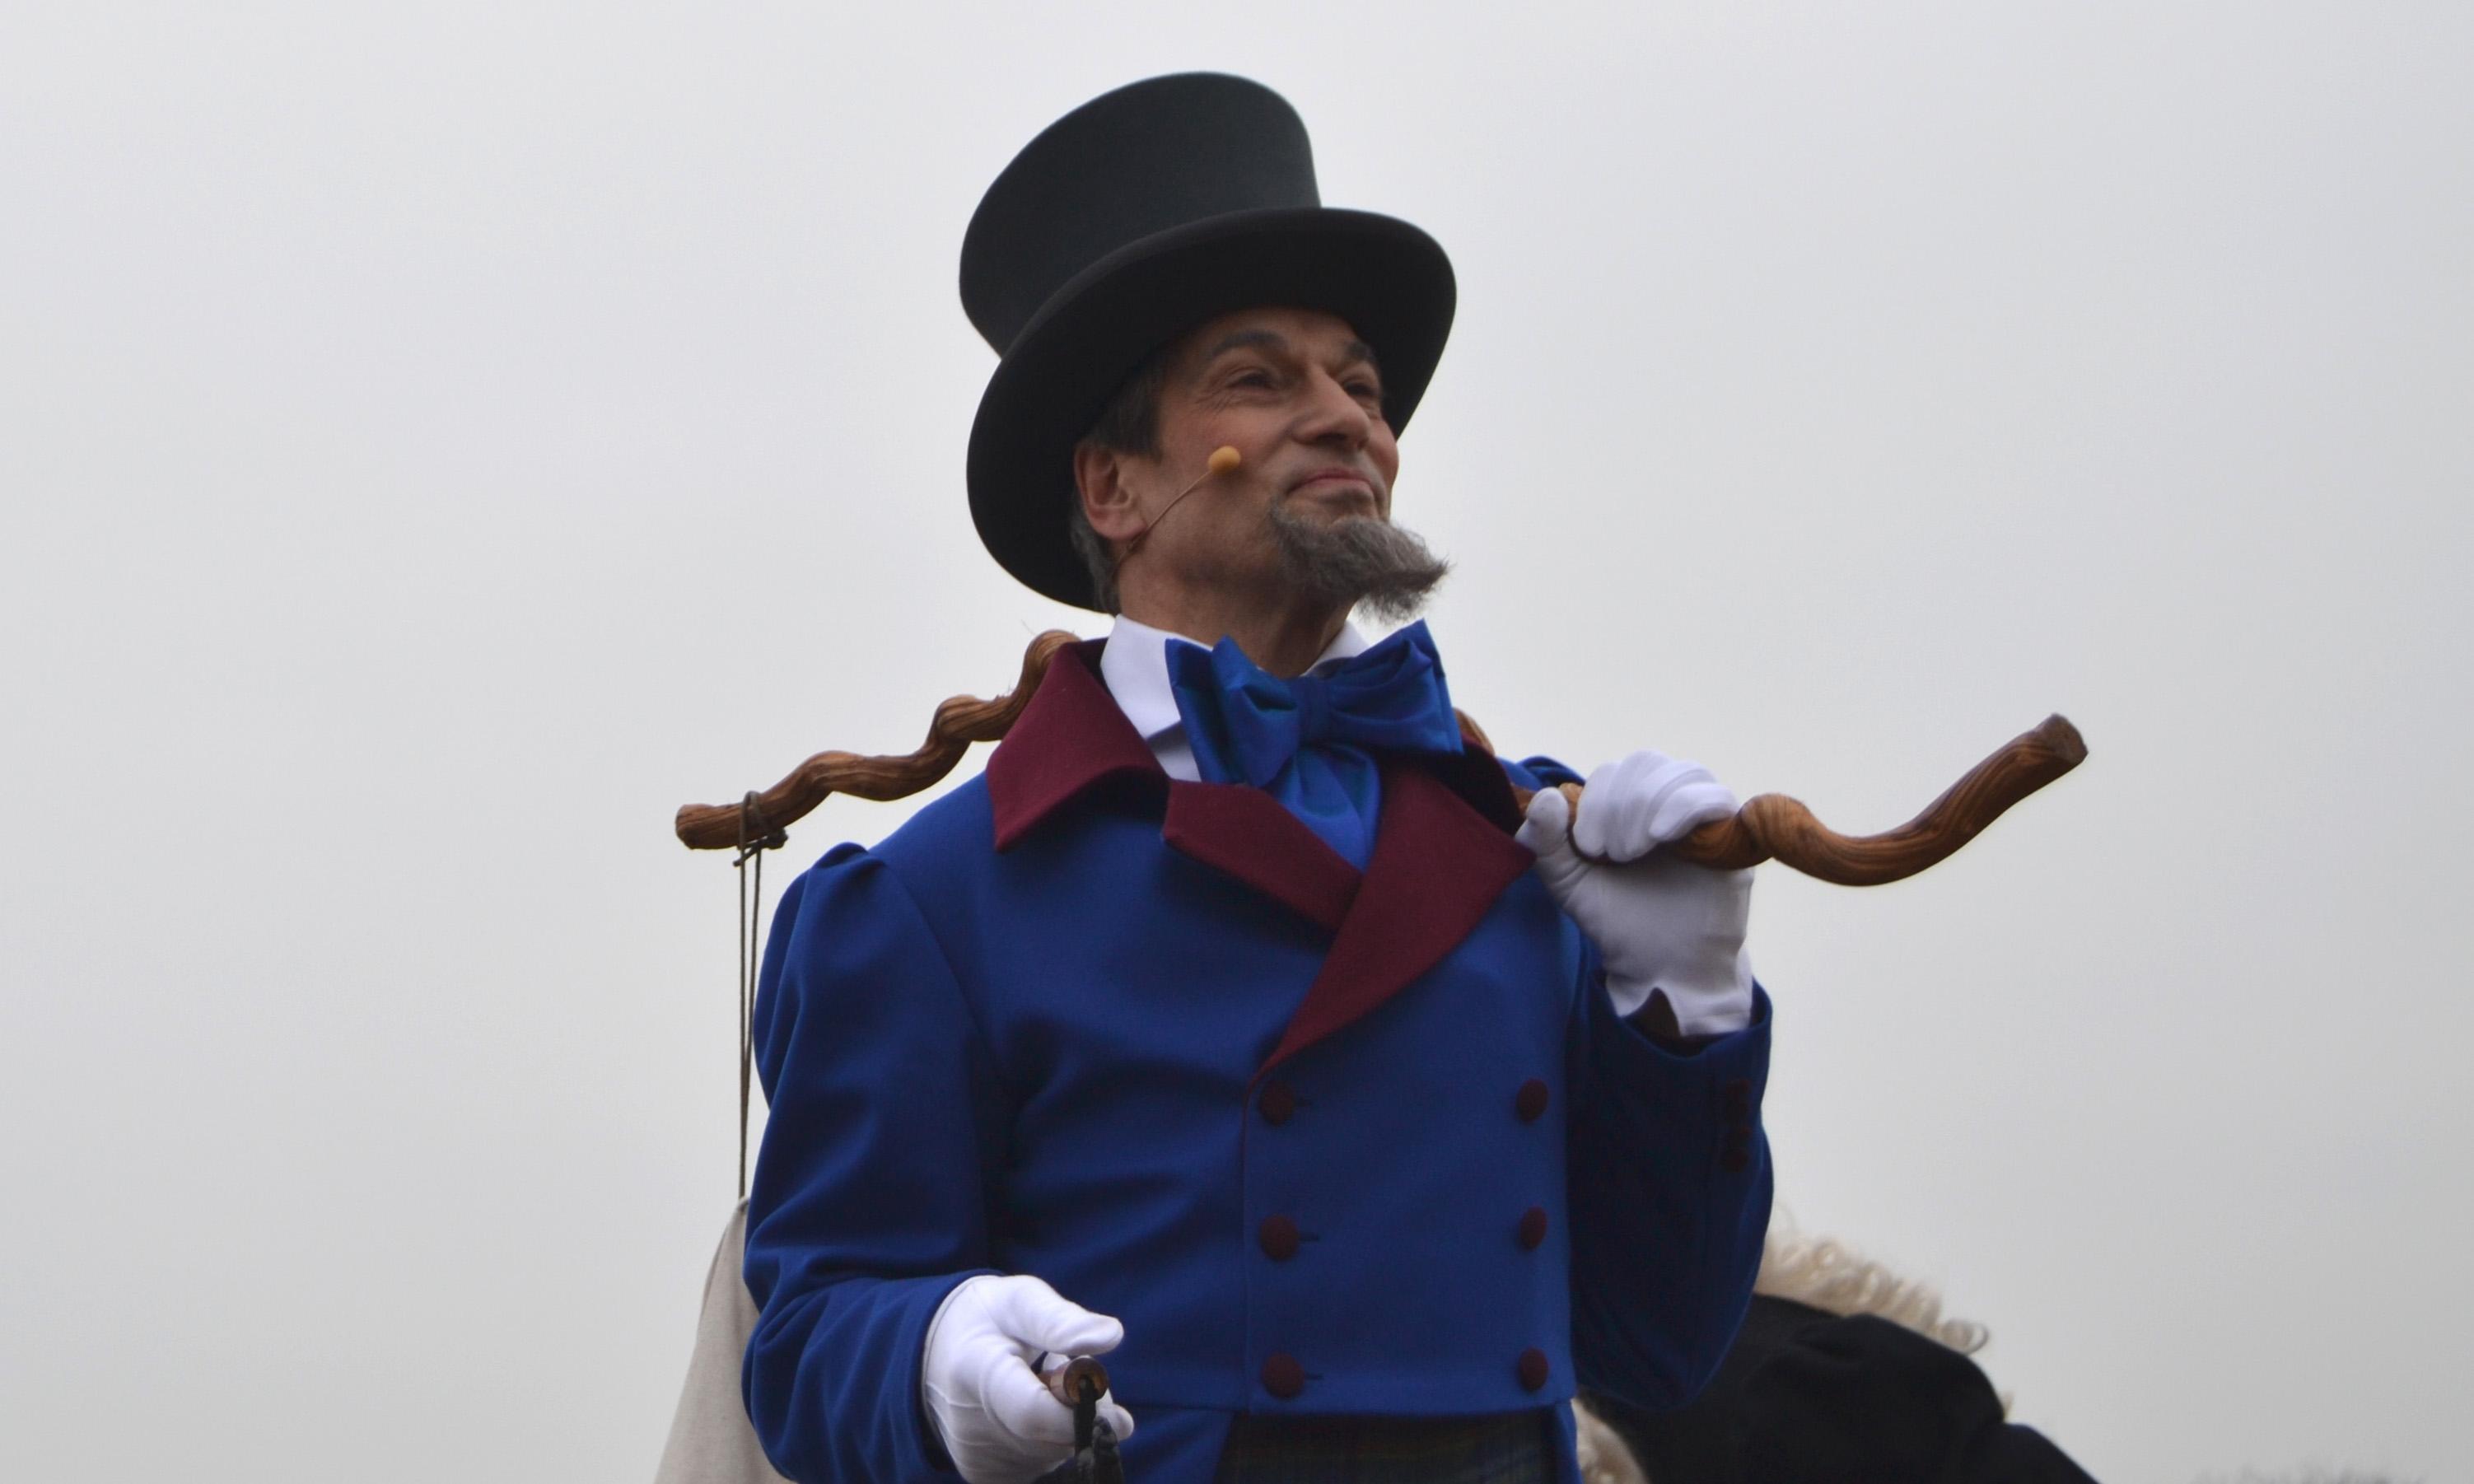 Ein Schaulspieler mit Ziegenbart, Zylinder, Wanderstock und blauem Gewand; Quelle: WFB/bremen.online - MDR